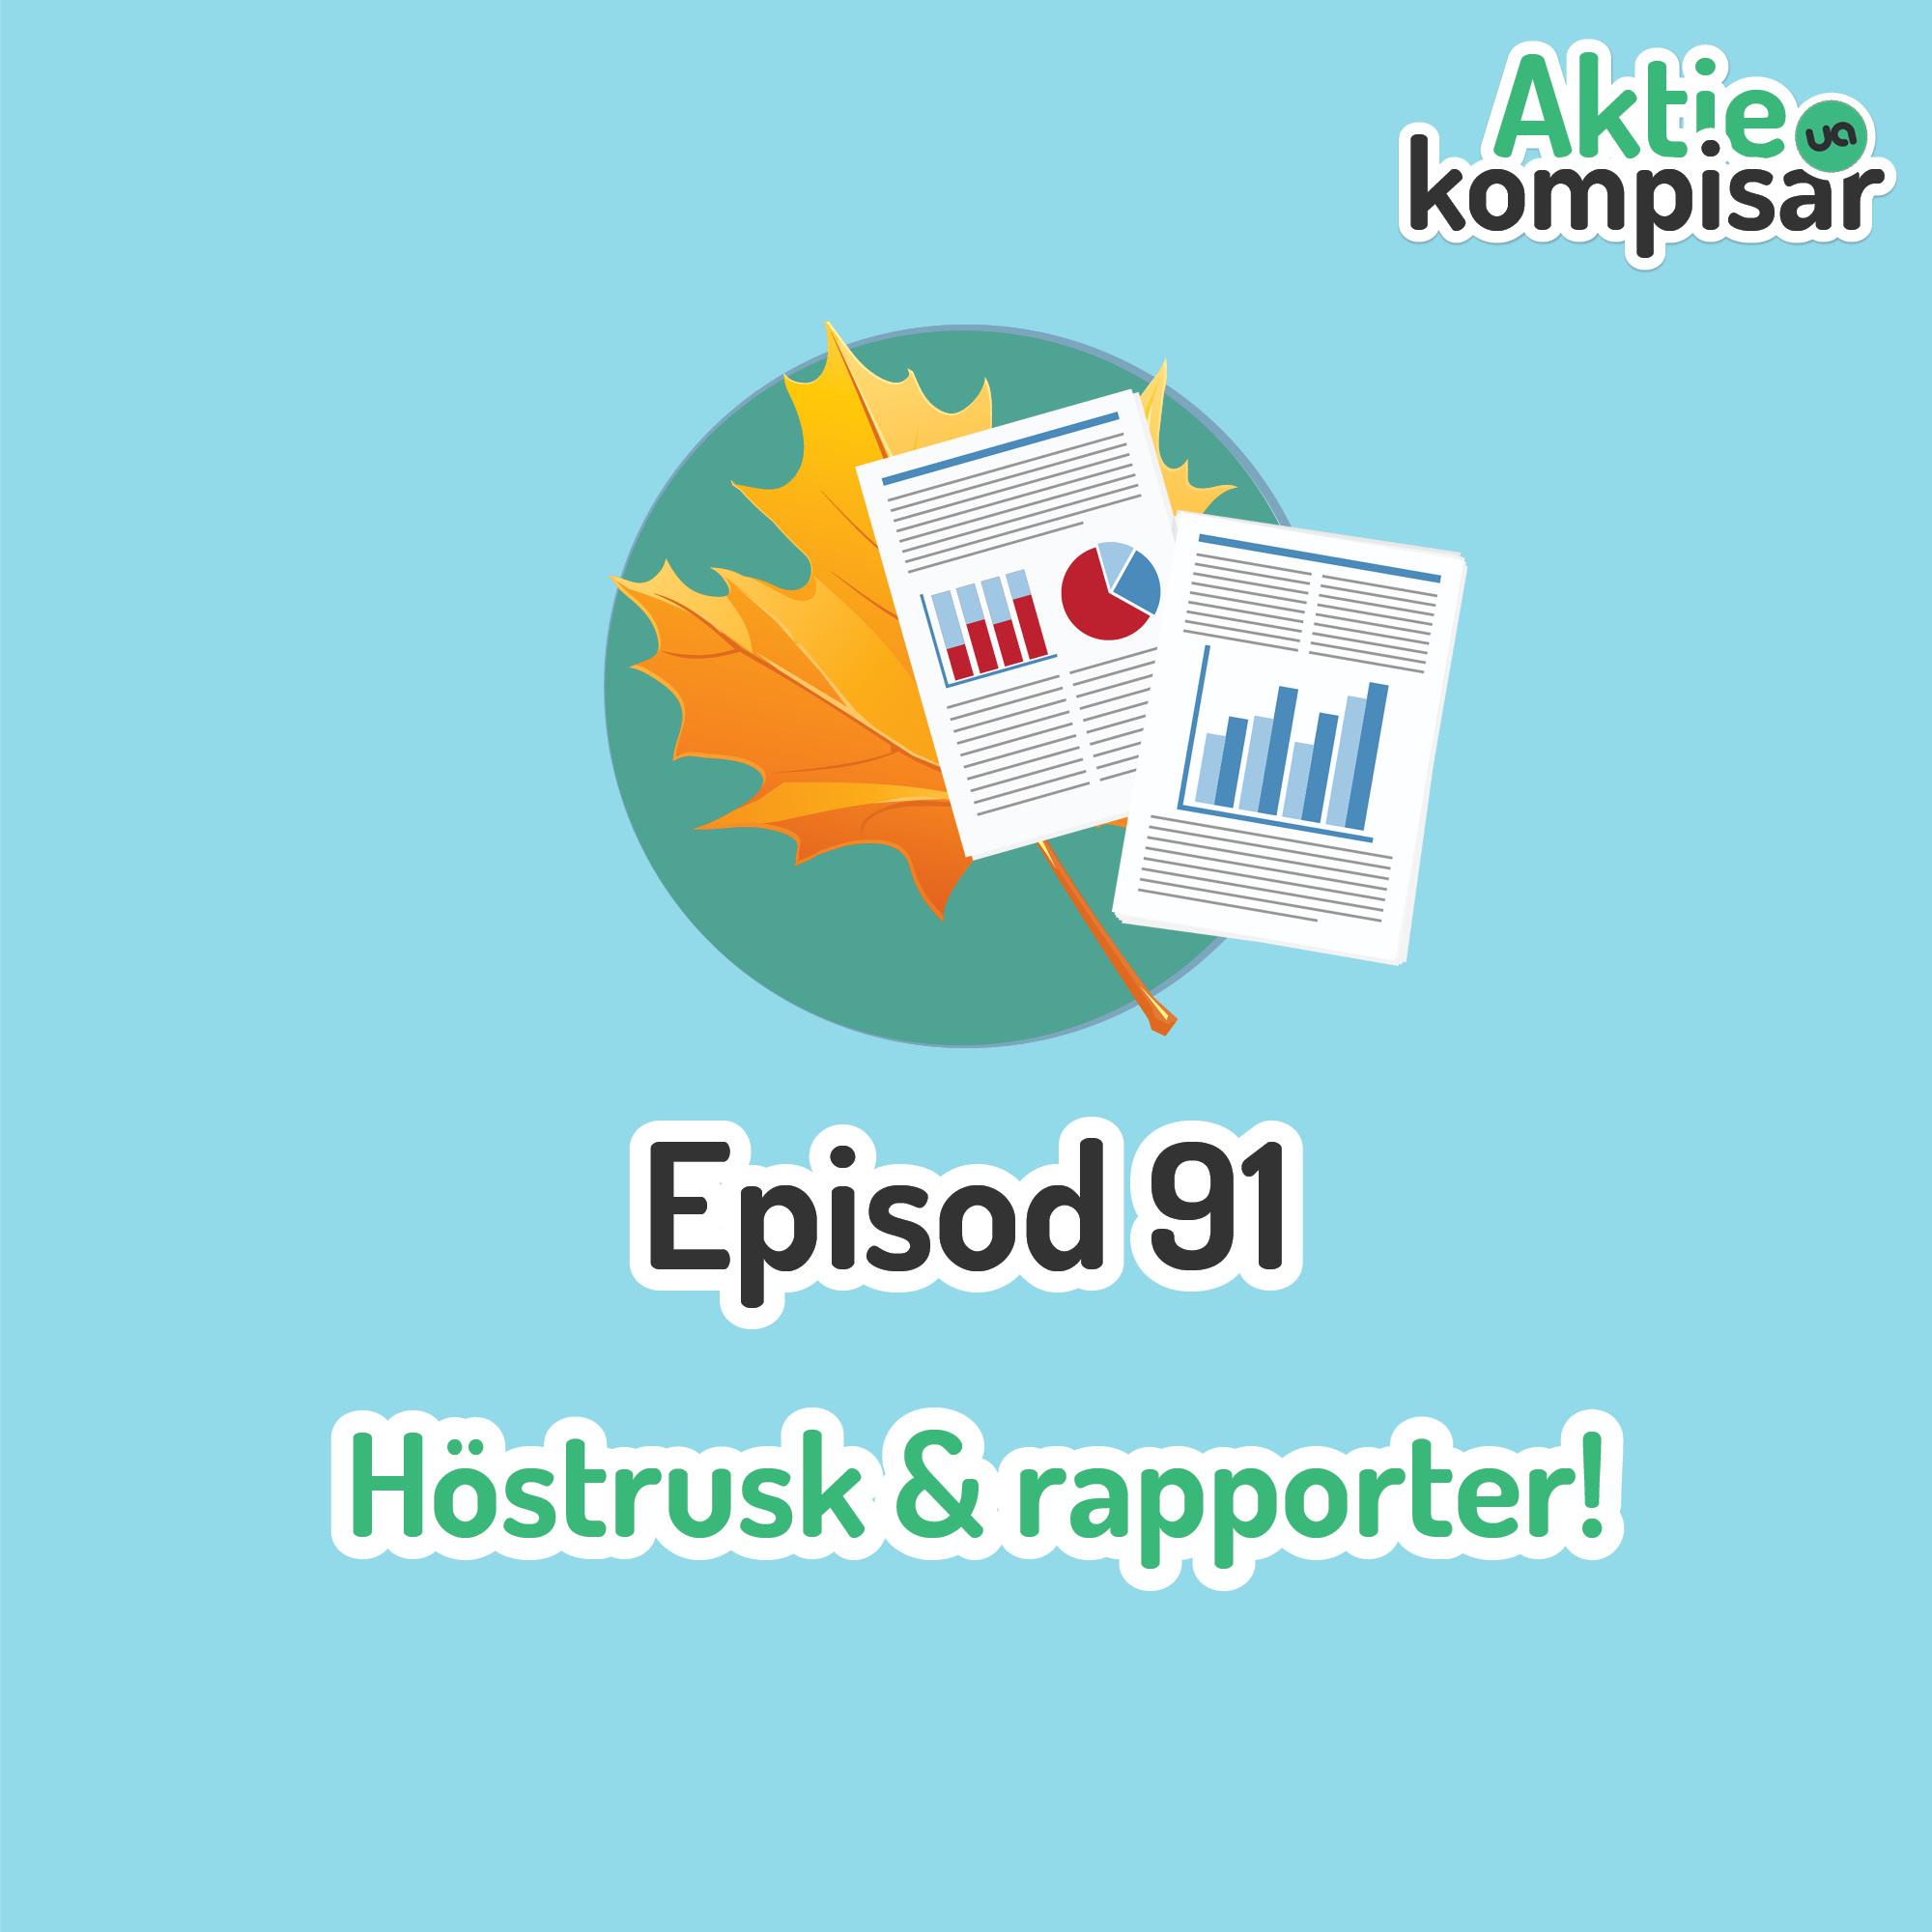 Episod 91 - Höstrusk & rapporter!